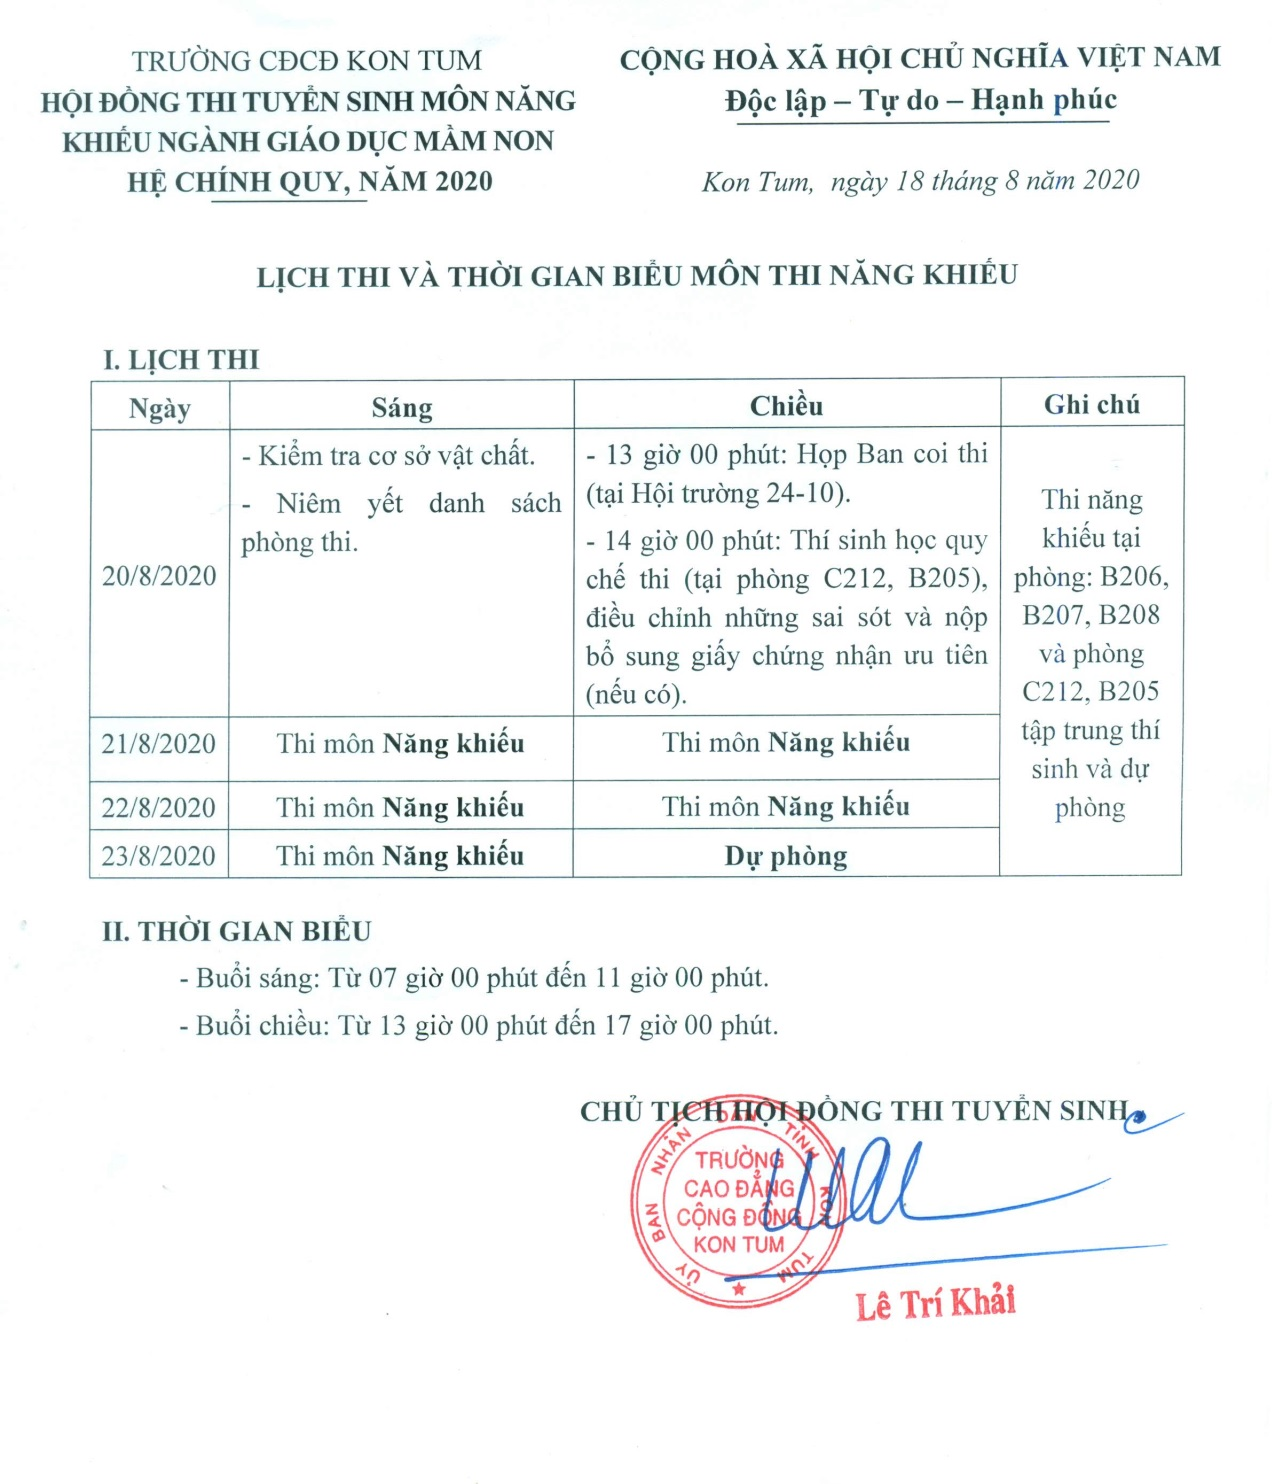 TB LỊCH THI NANG KHIEU 2020